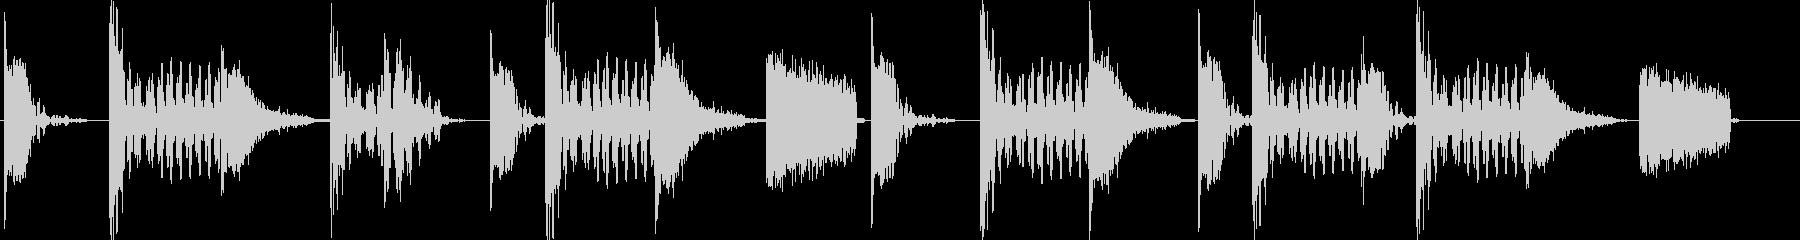 シンプルなドラムとベースのジングルの未再生の波形